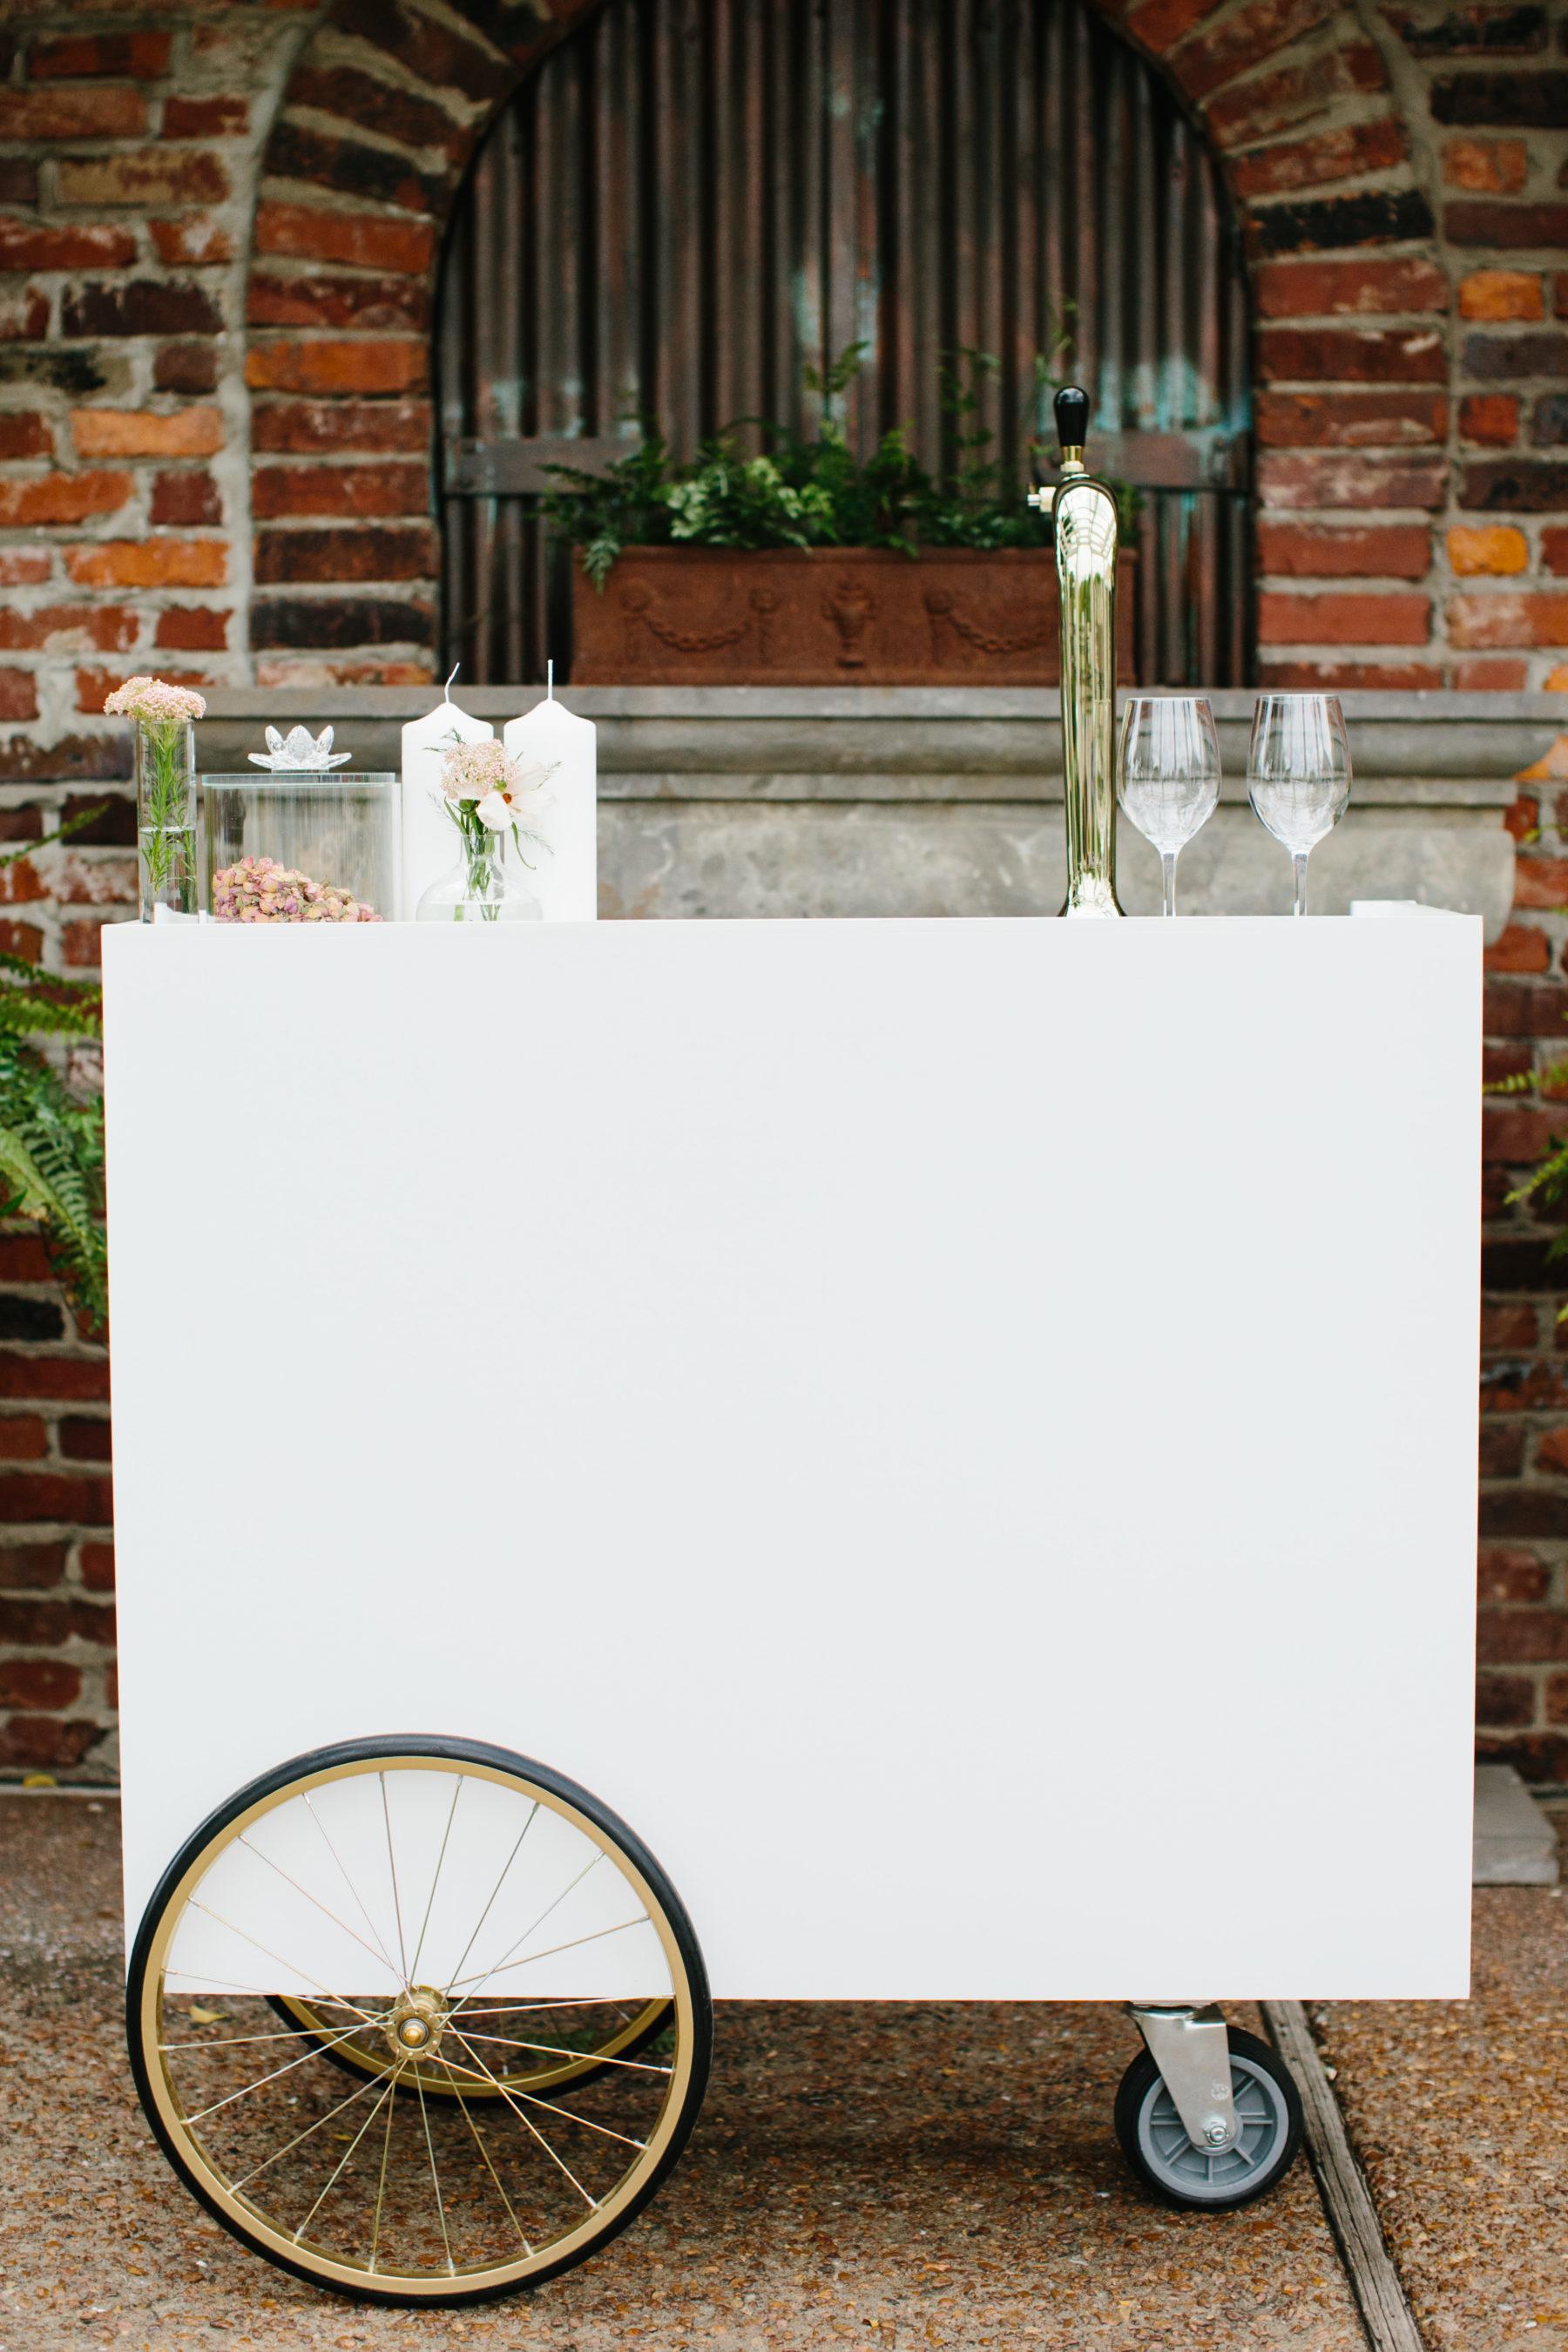 Nashville Mobile Beverage Service: Meet Bar Magnolia on Nashville Bride Guide!